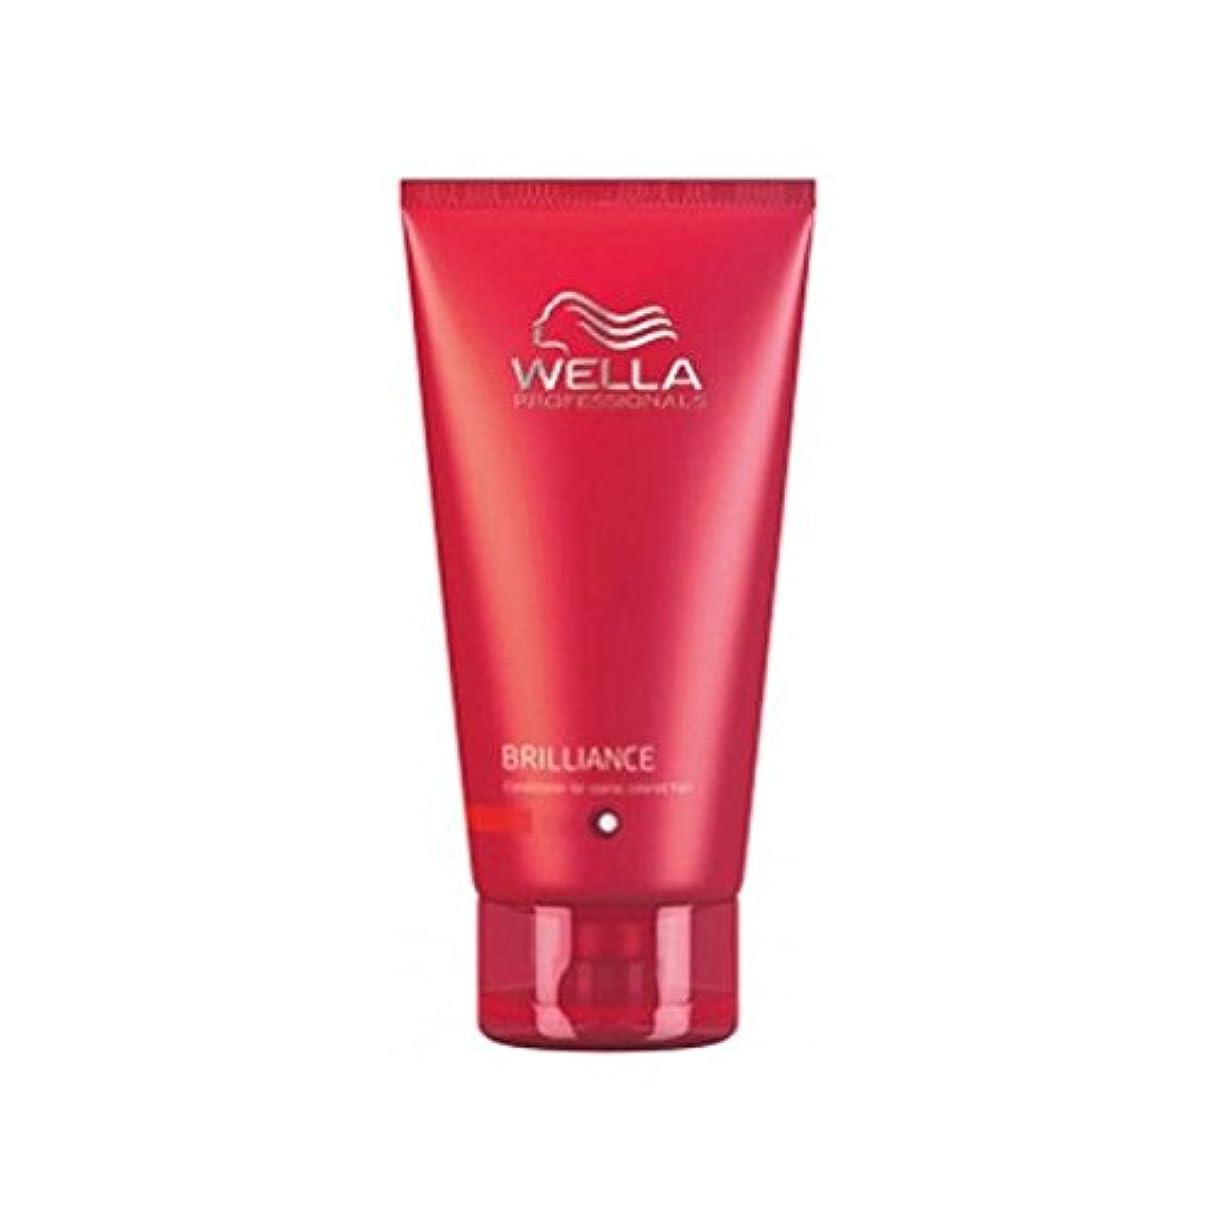 パーツこっそりキルトウェラの専門家が通常に細かいためのコンディショナーを輝き、色の髪(200ミリリットル) x2 - Wella Professionals Brilliance Conditioner For Fine To Normal, Coloured Hair (200ml) (Pack of 2) [並行輸入品]